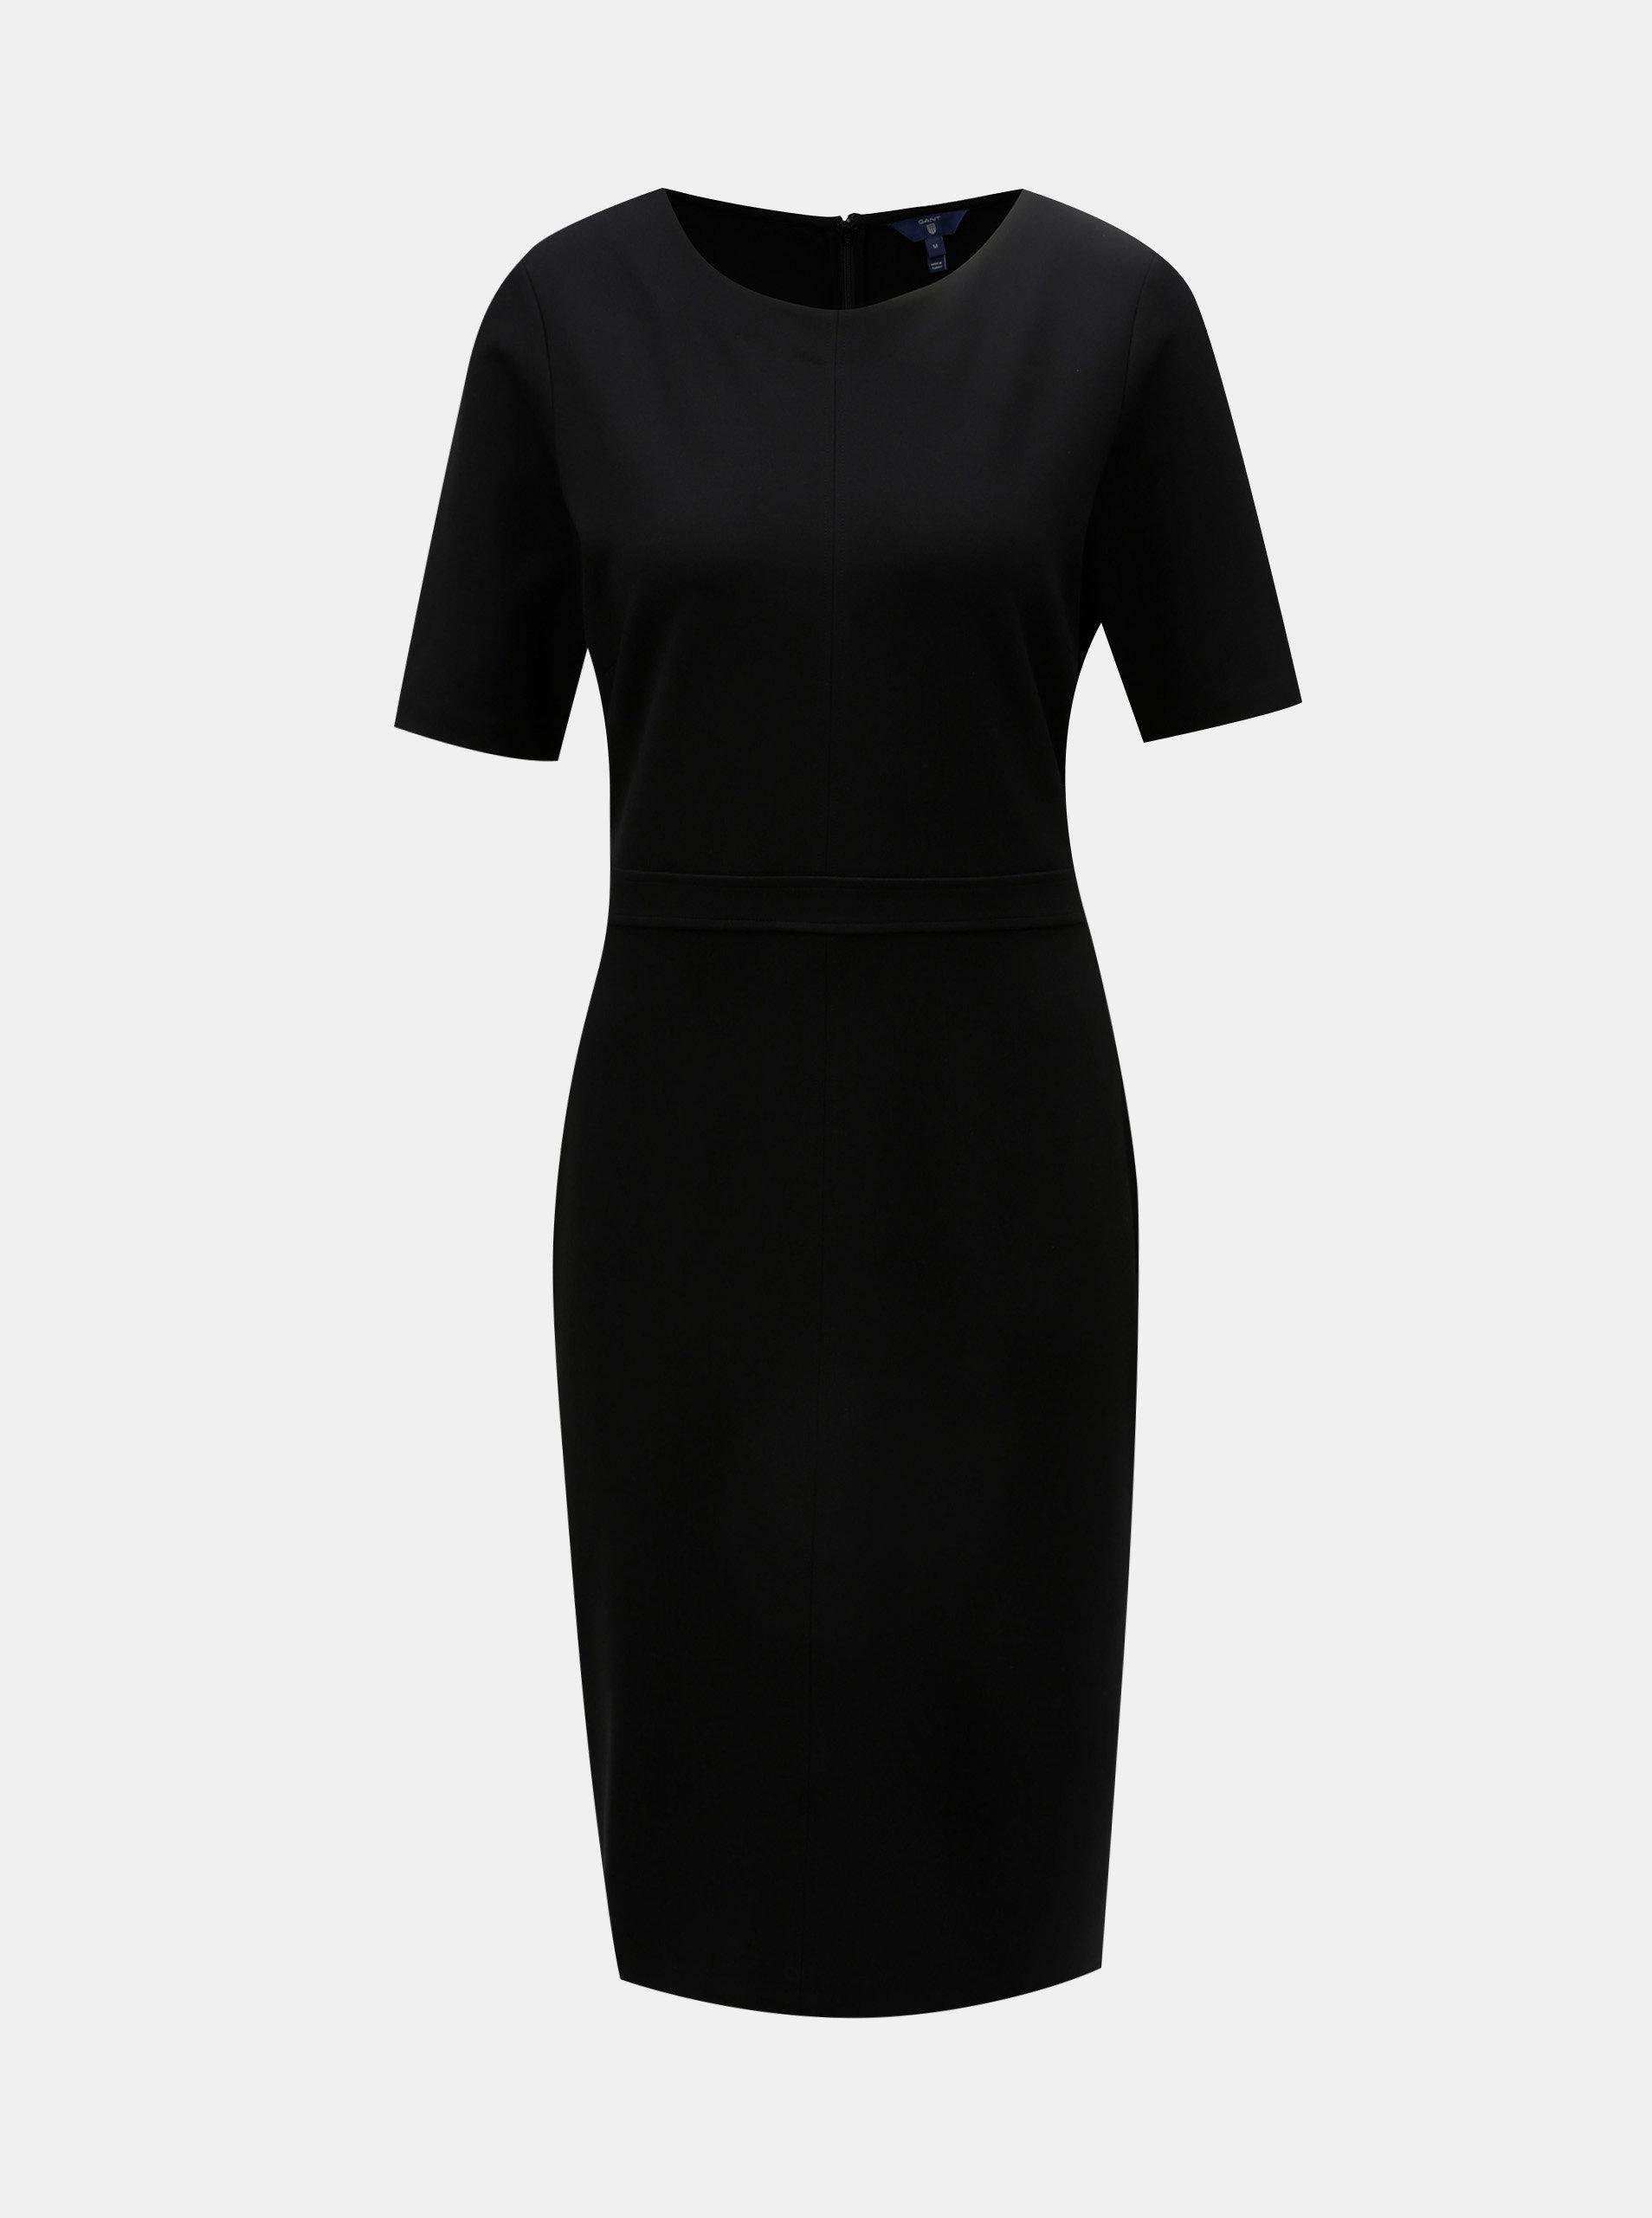 5e293aaaa951 Čierne puzdrové šaty s krátkym rukávom GANT ...